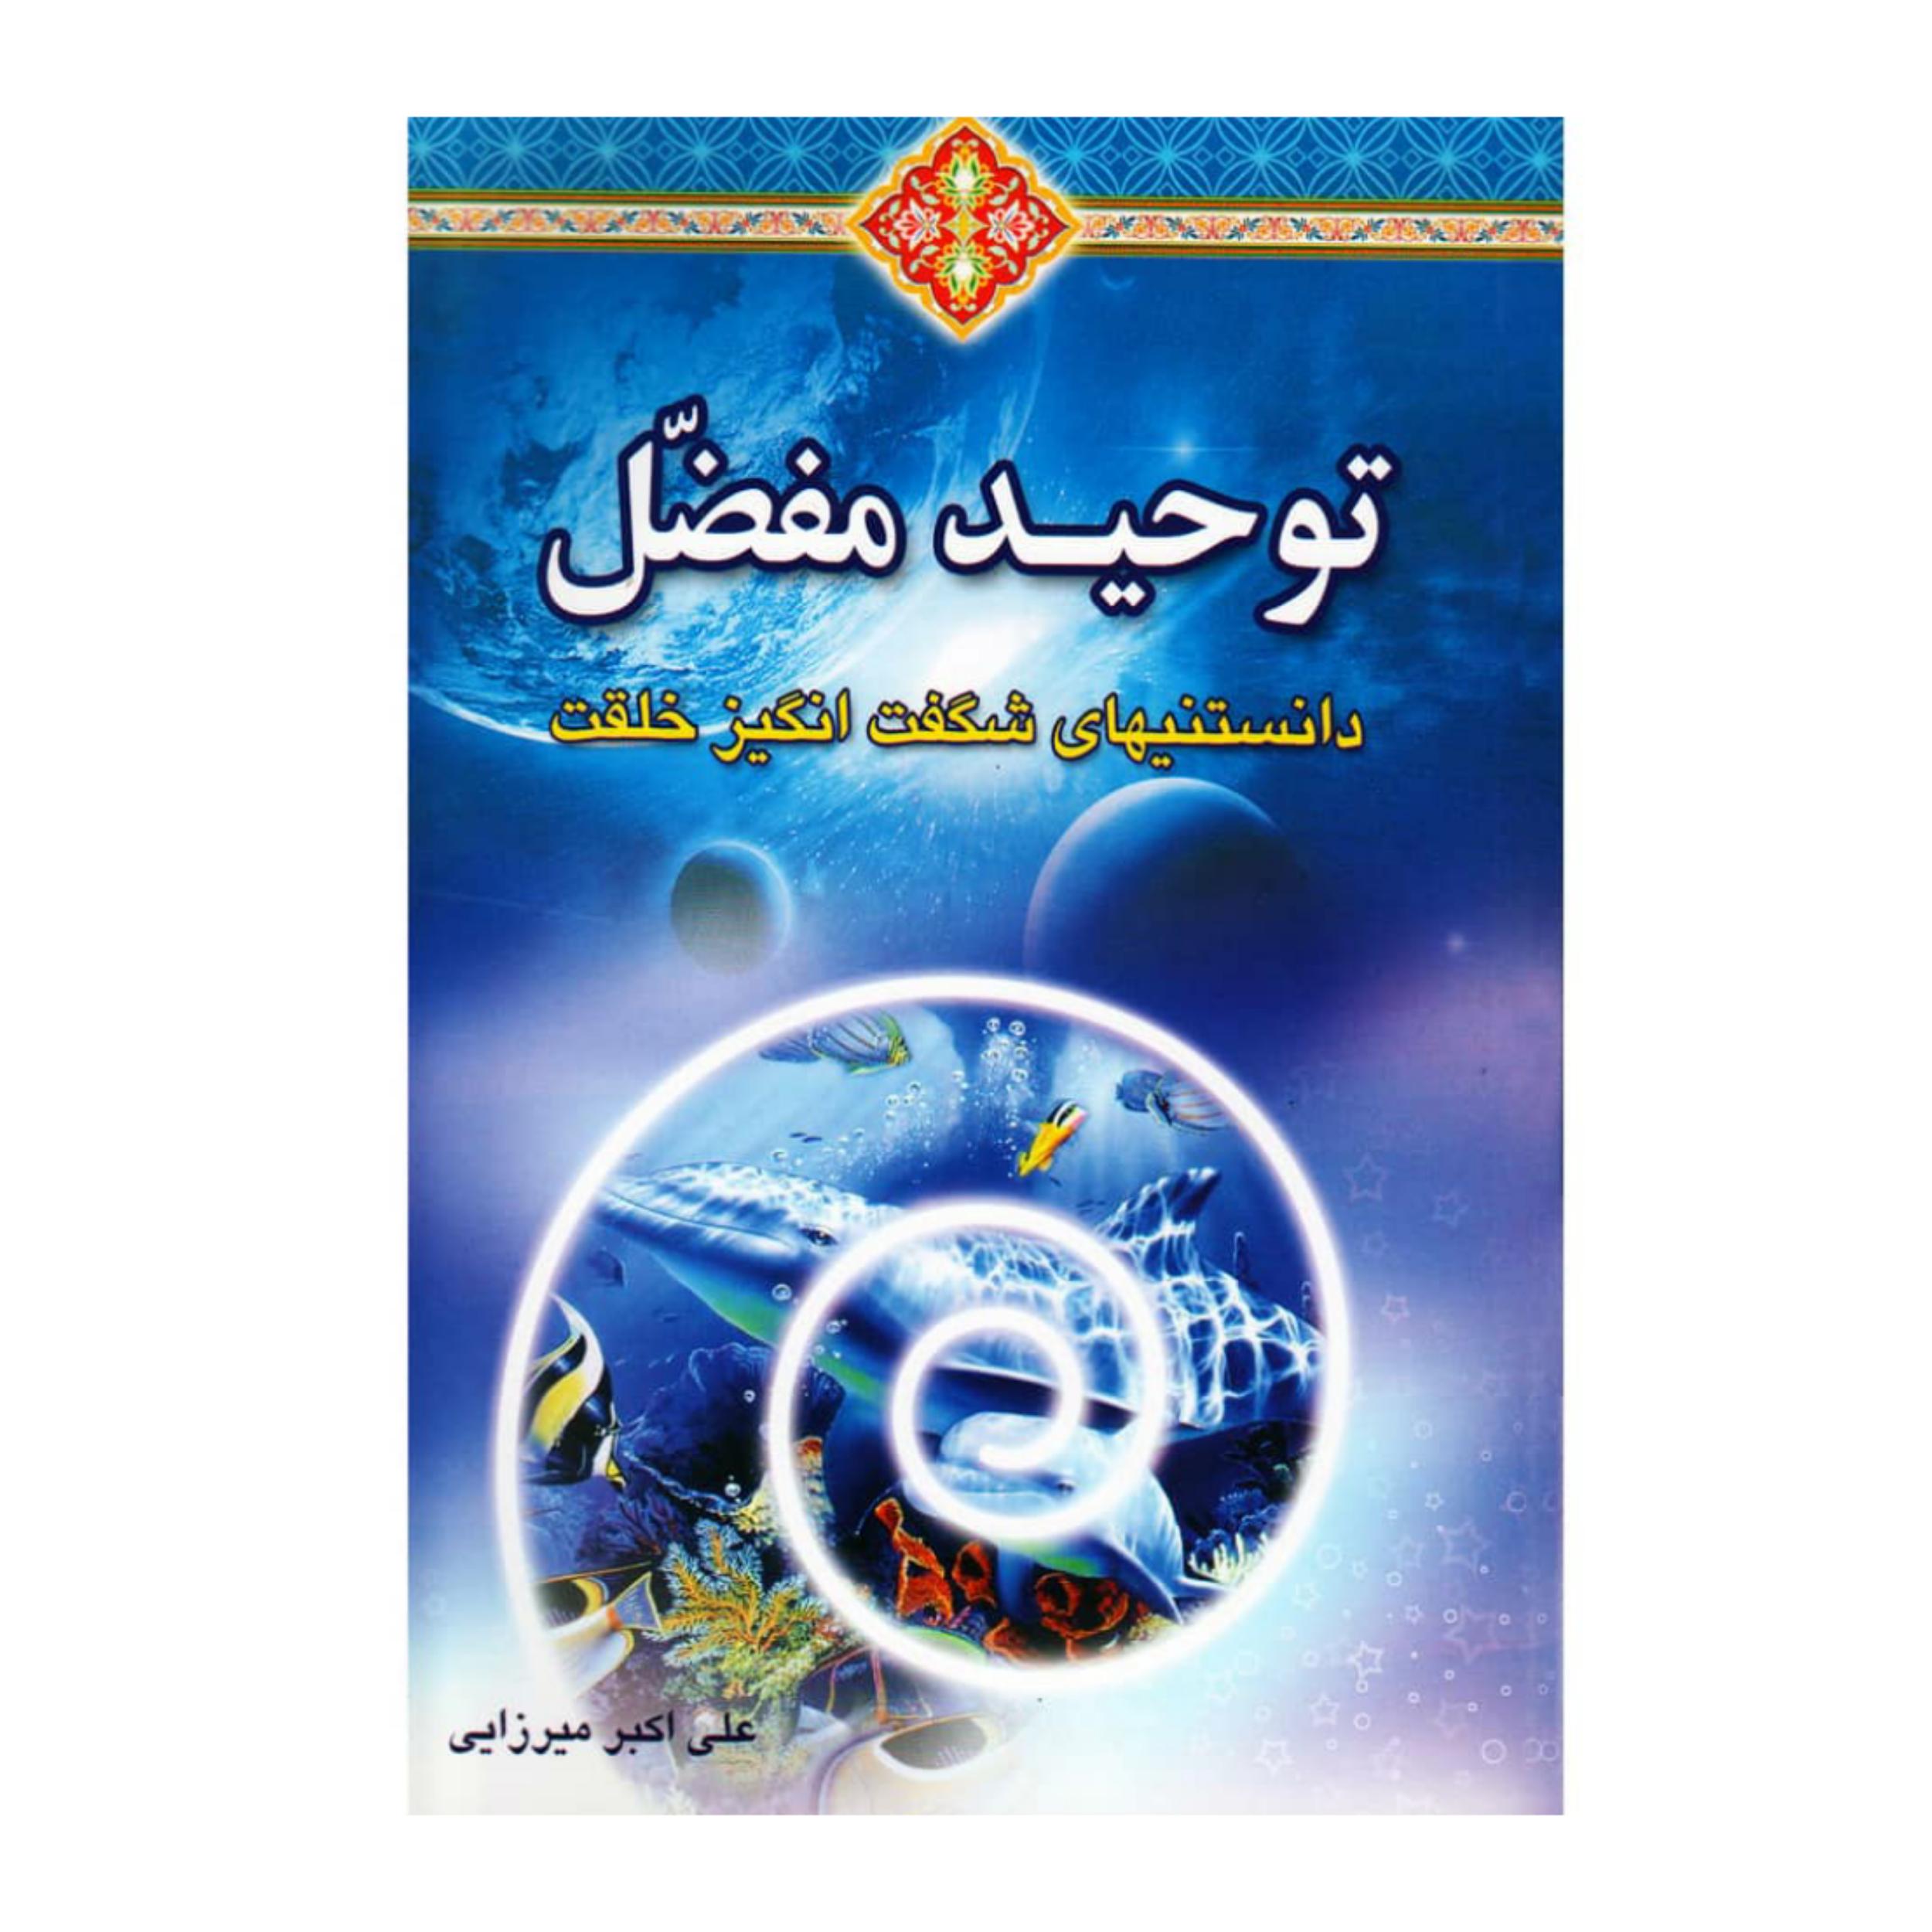 خرید                      کتاب توحید مفضل اثر علامه مجلسی انتشارات آوای منجی